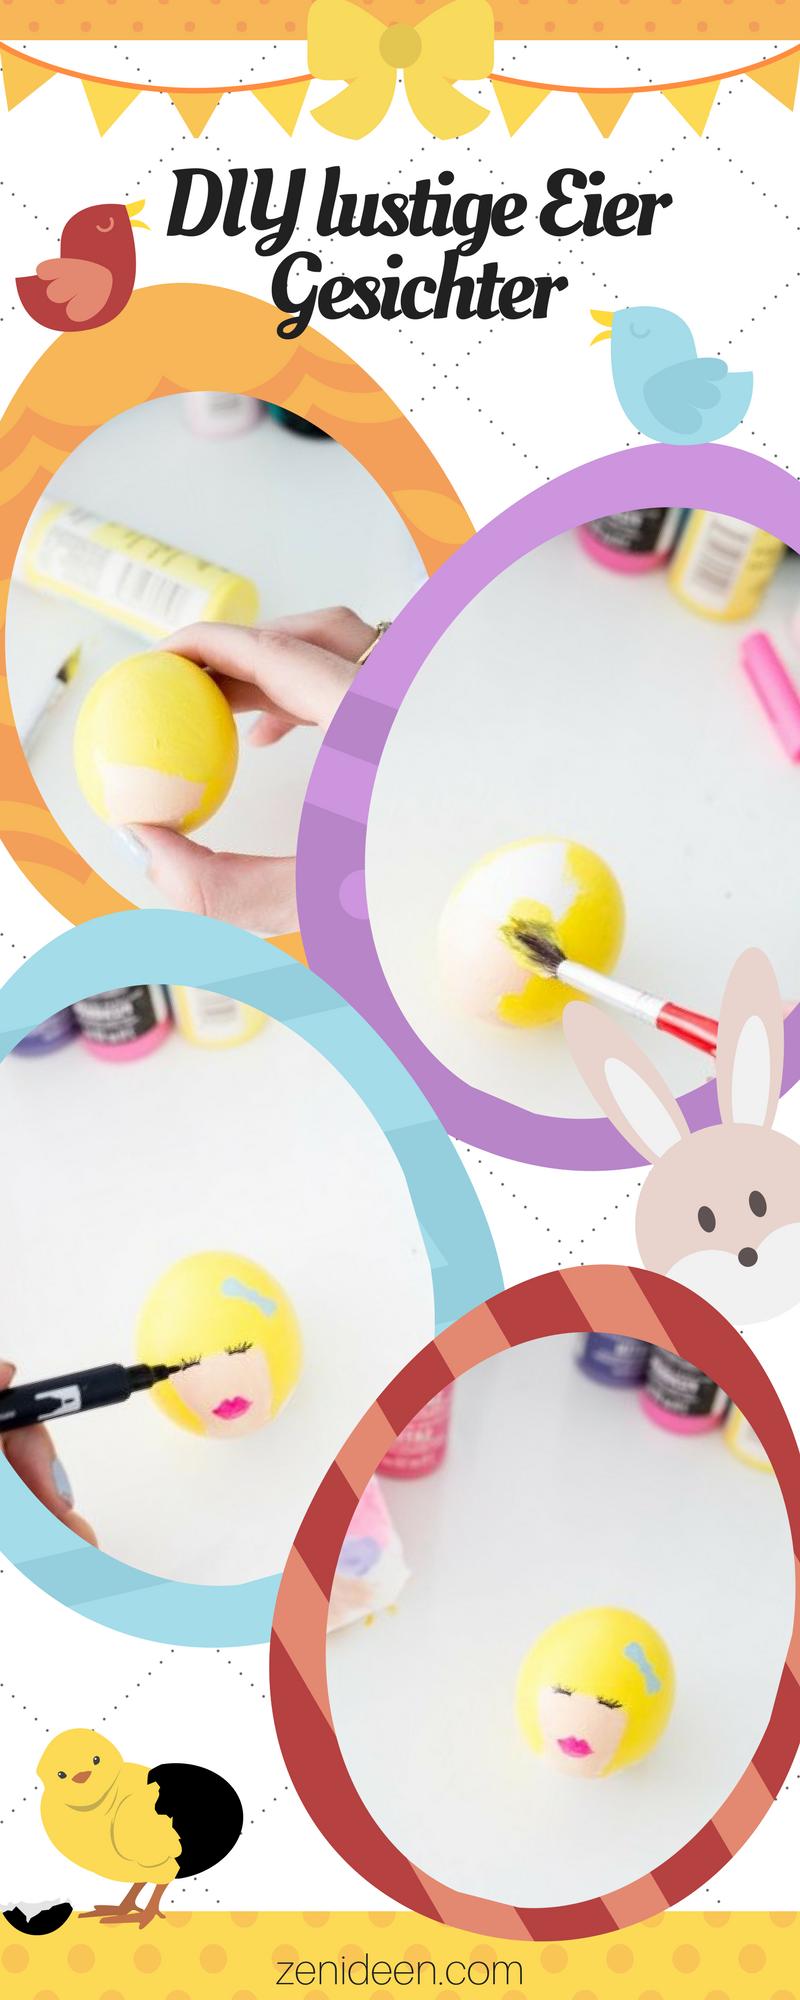 Die Foto-Anleitung für diese schönen lustigen Eier Gesichter